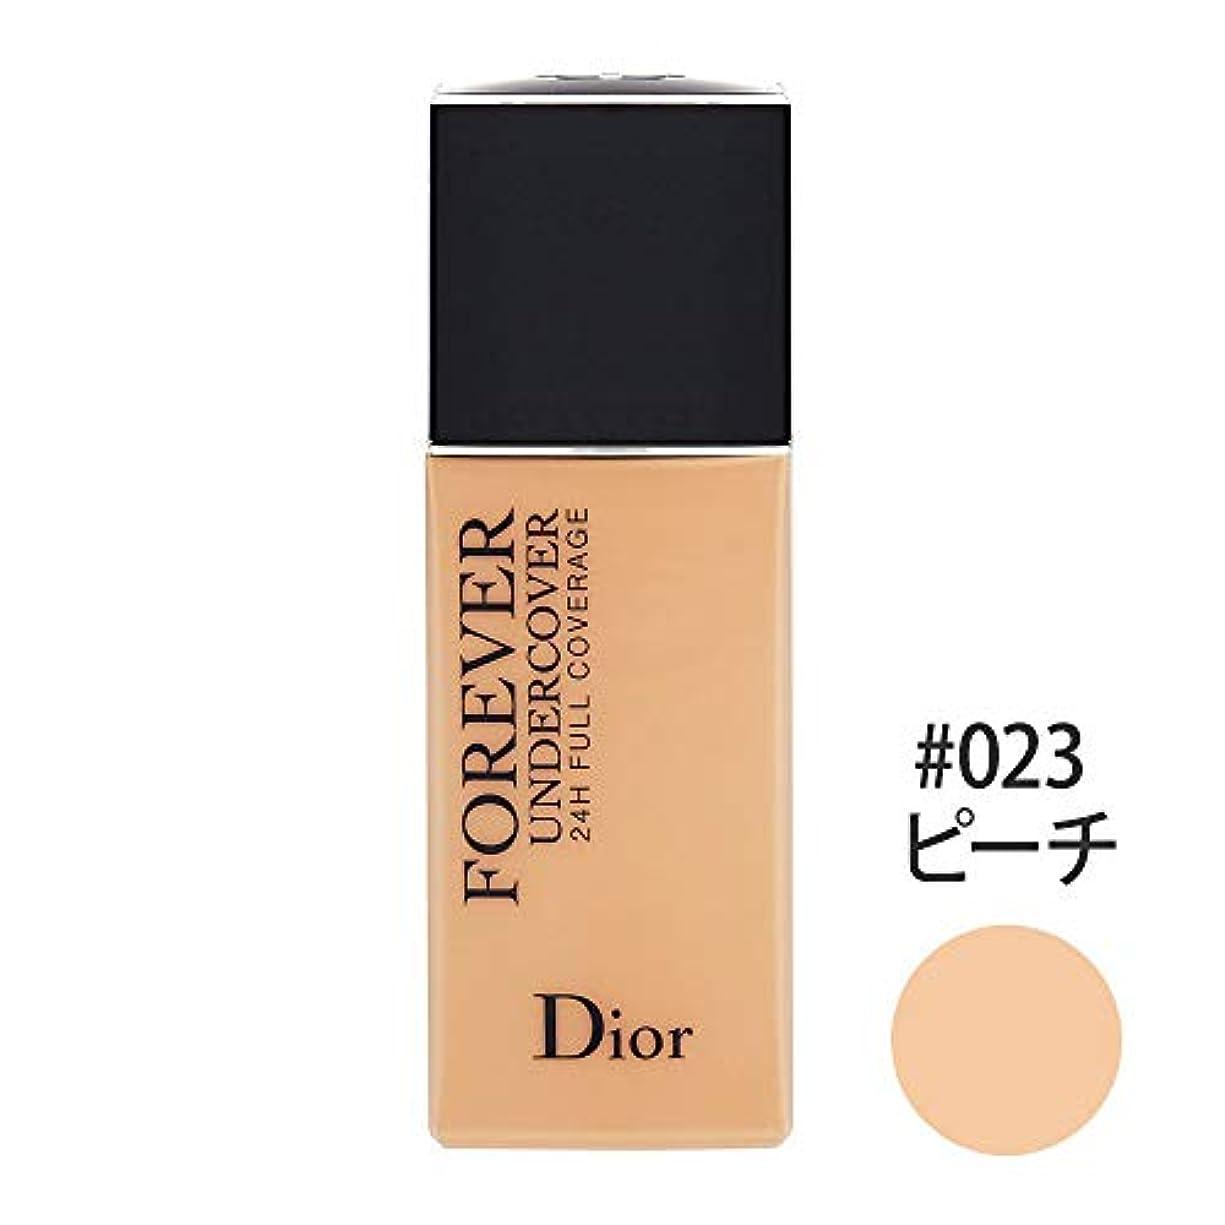 パックオッズ具体的にディオール(Dior) ディオールスキン フォーエヴァー アンダーカバー #023(ピーチ) 40ml [並行輸入品]